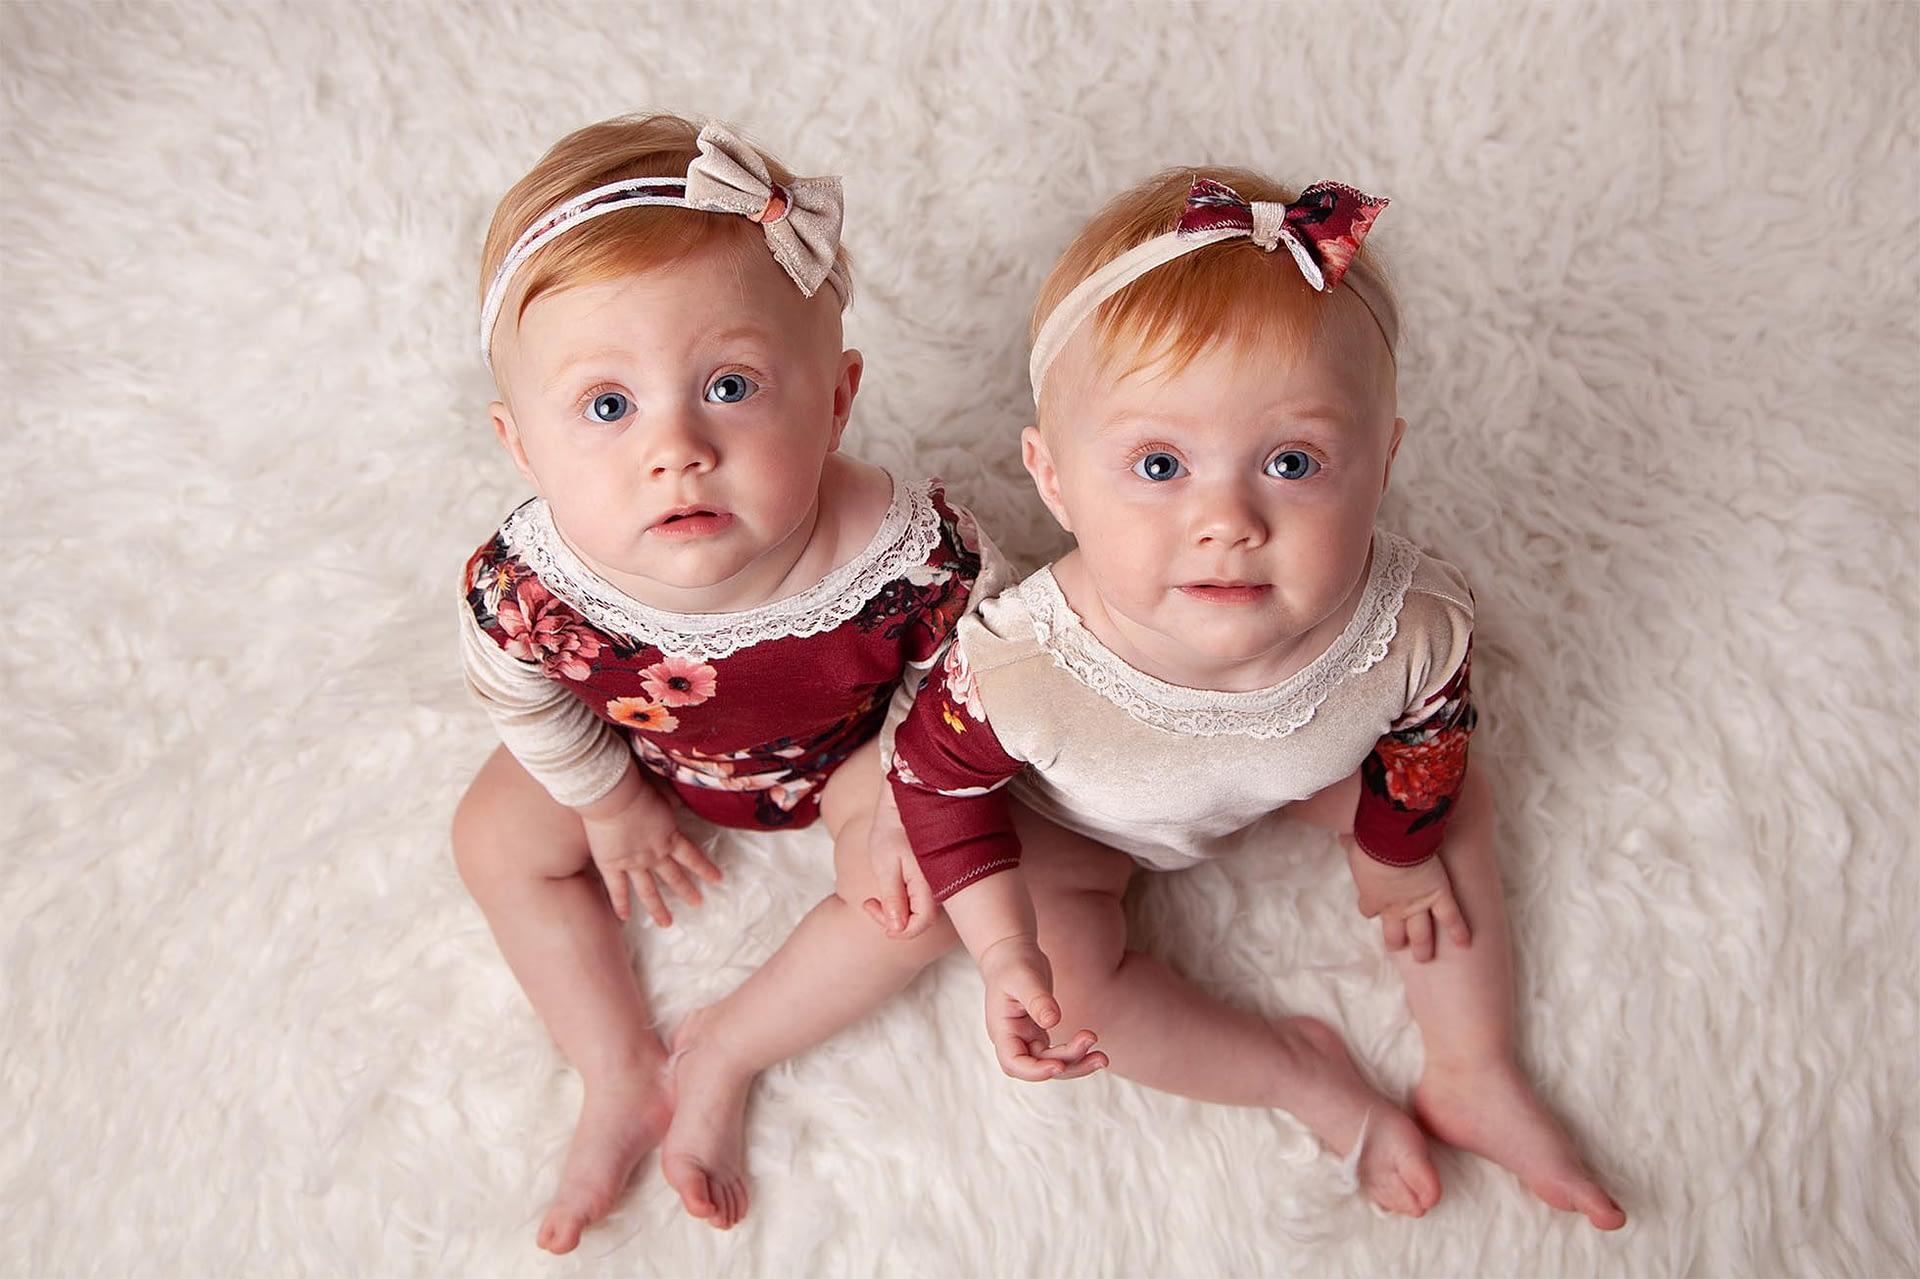 Family Photographer Shrewsbury, Baby photographer shrewsbury, twin baby girls, photographer shrewsbury